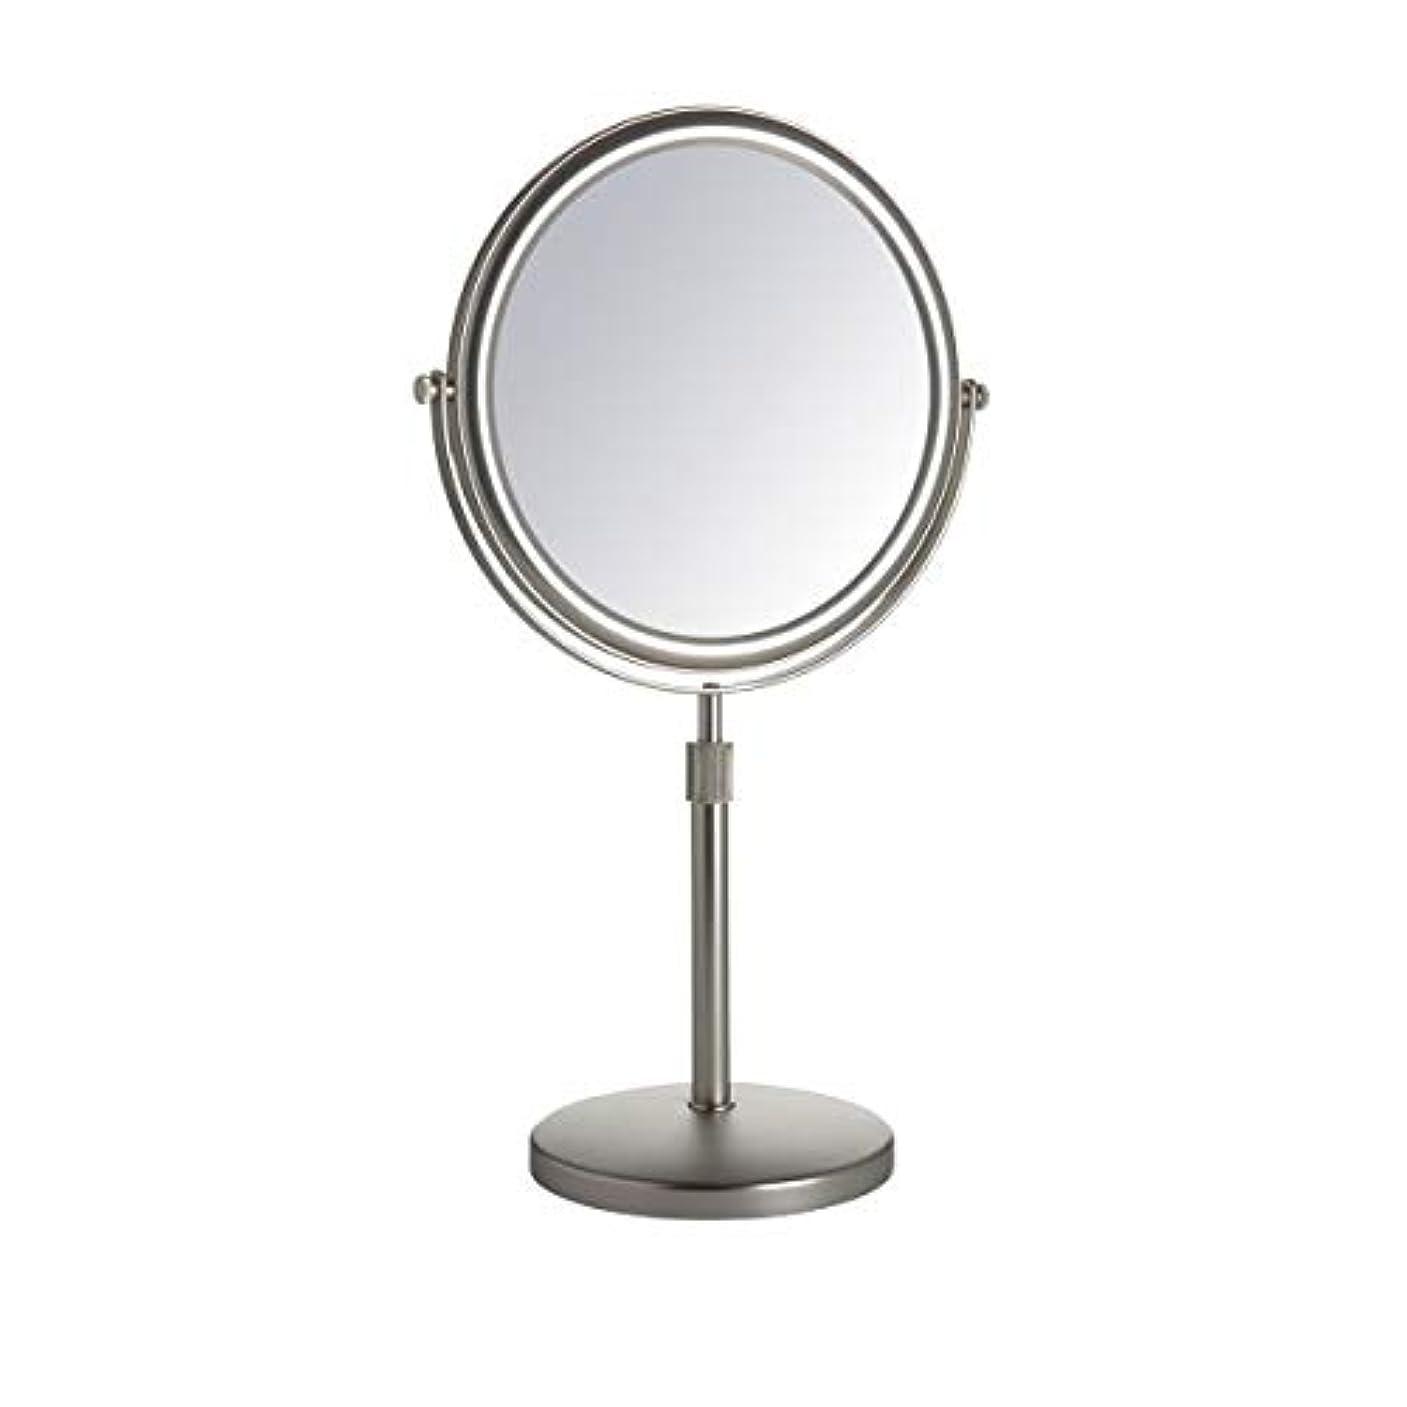 尊敬電話をかけるよく話されるJerdon(ジェルドン) / JP4045N (ニッケル) 《拡大鏡》 [鏡面 直径20cm] 【5倍率/等倍率】 卓上型テーブルミラー